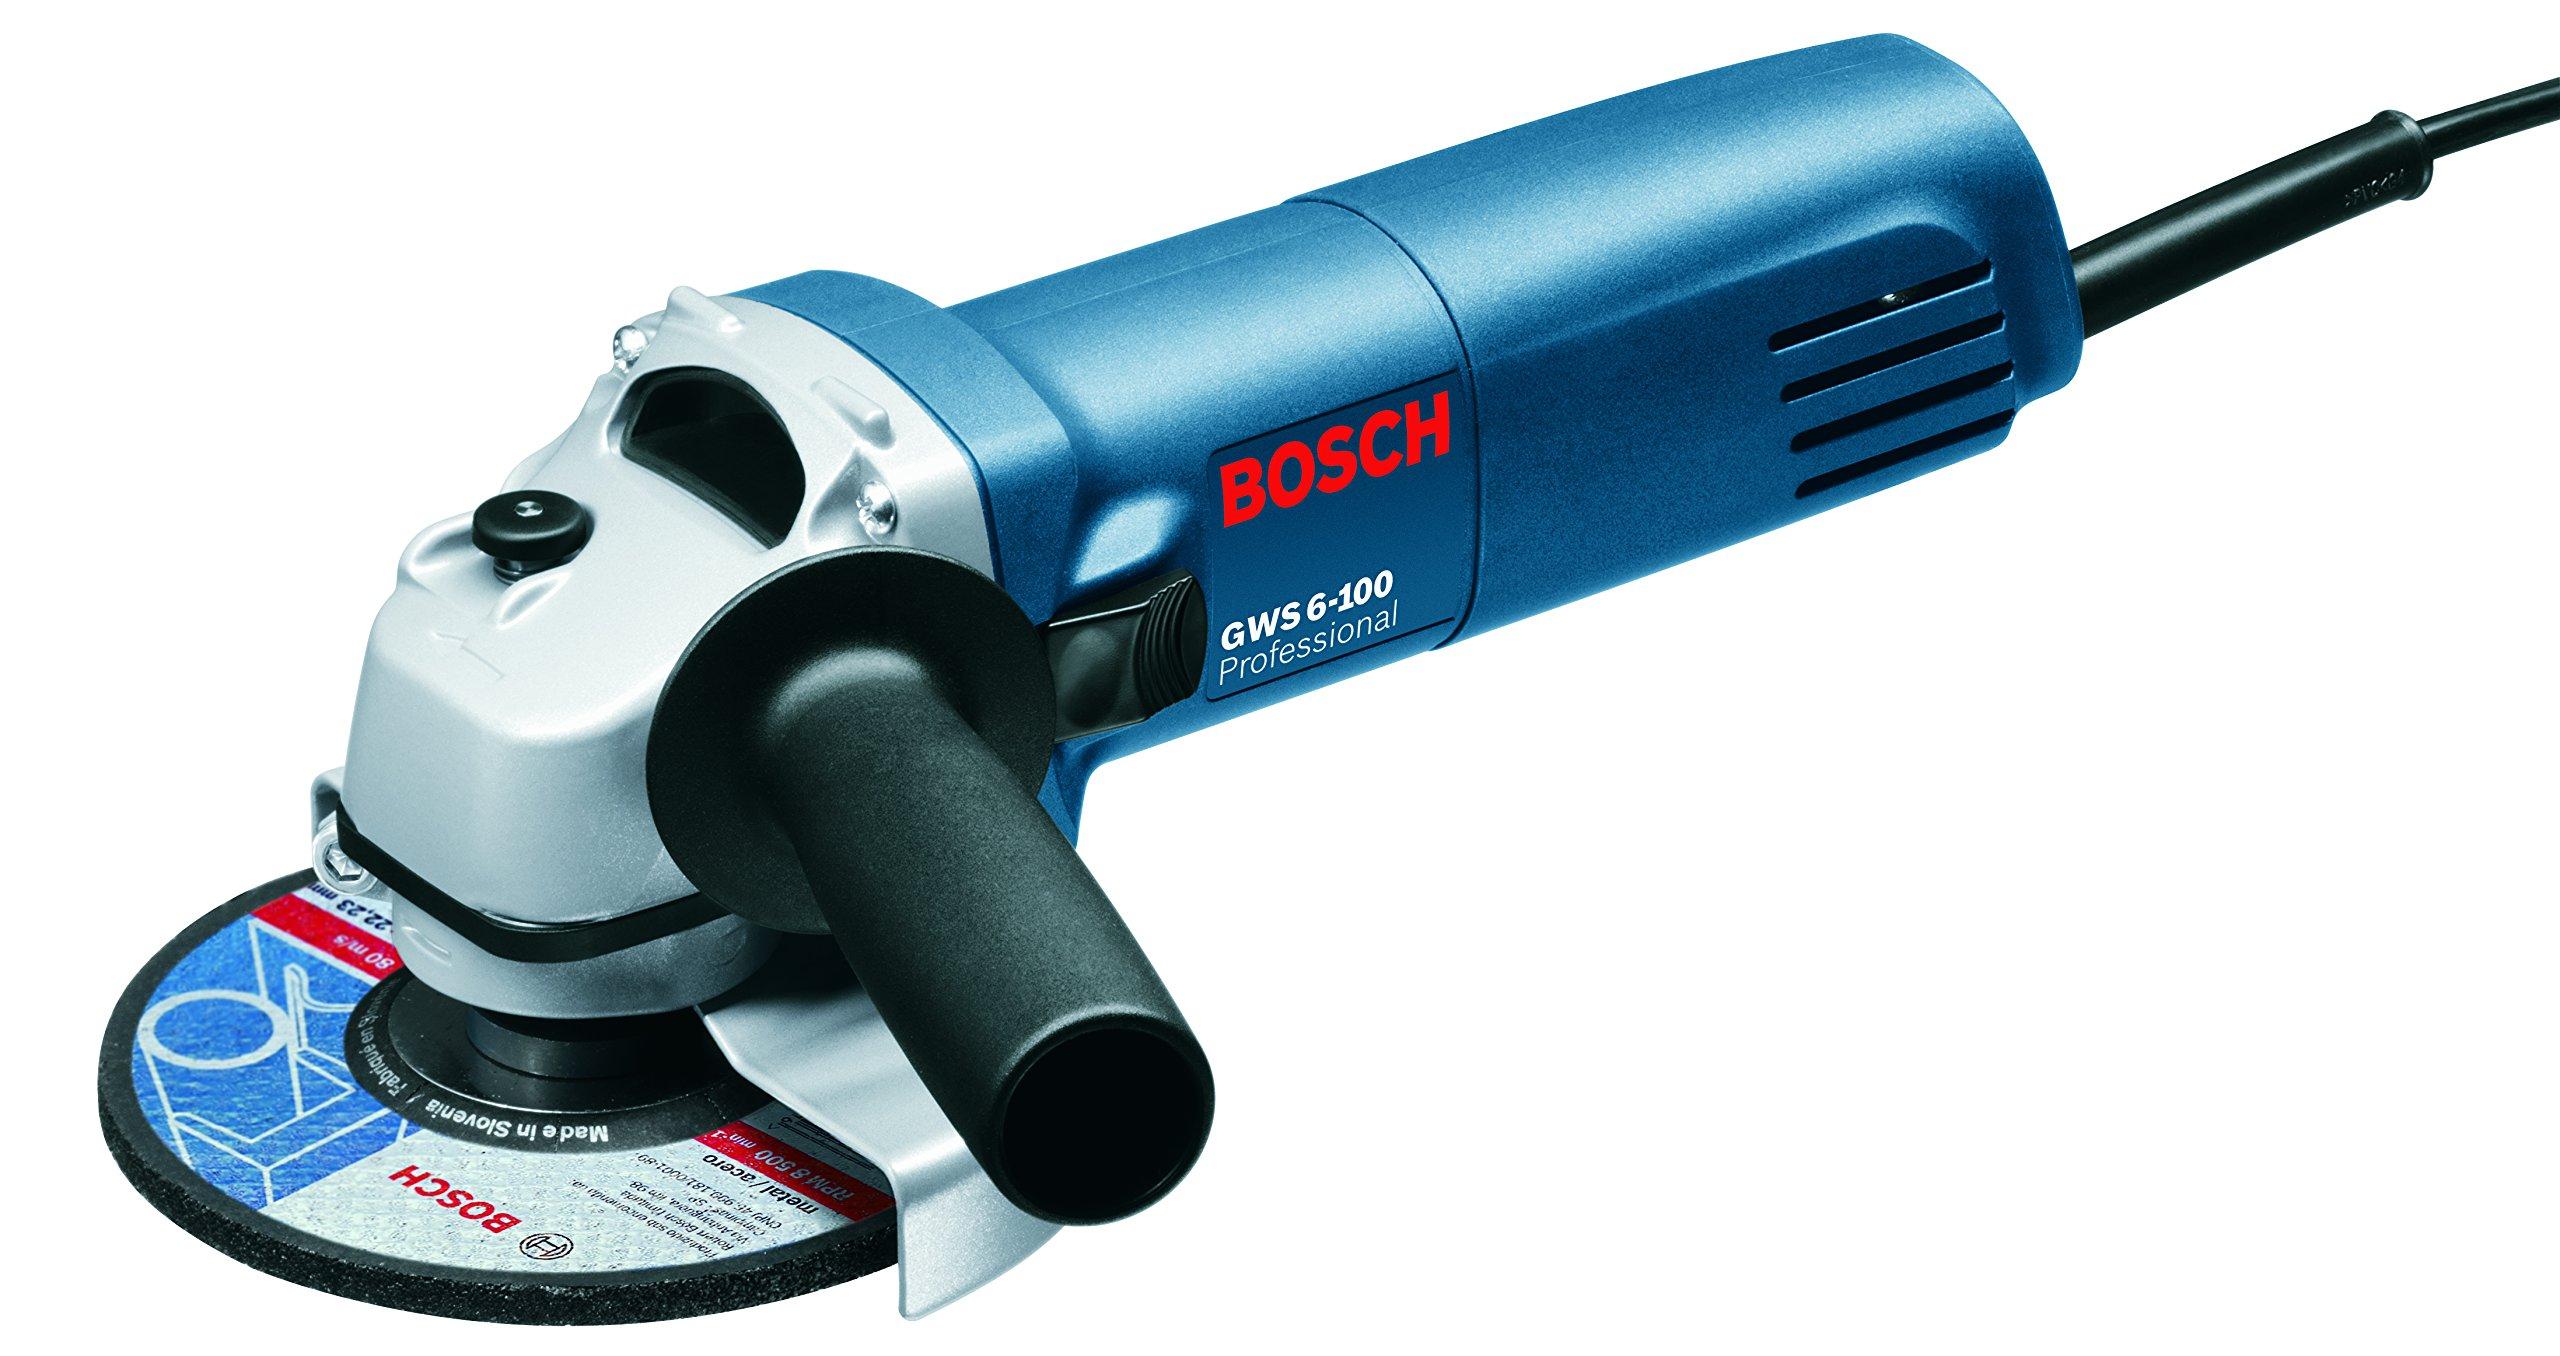 Bosch GWS 6-100 4 inch Angle Grinder (Green)